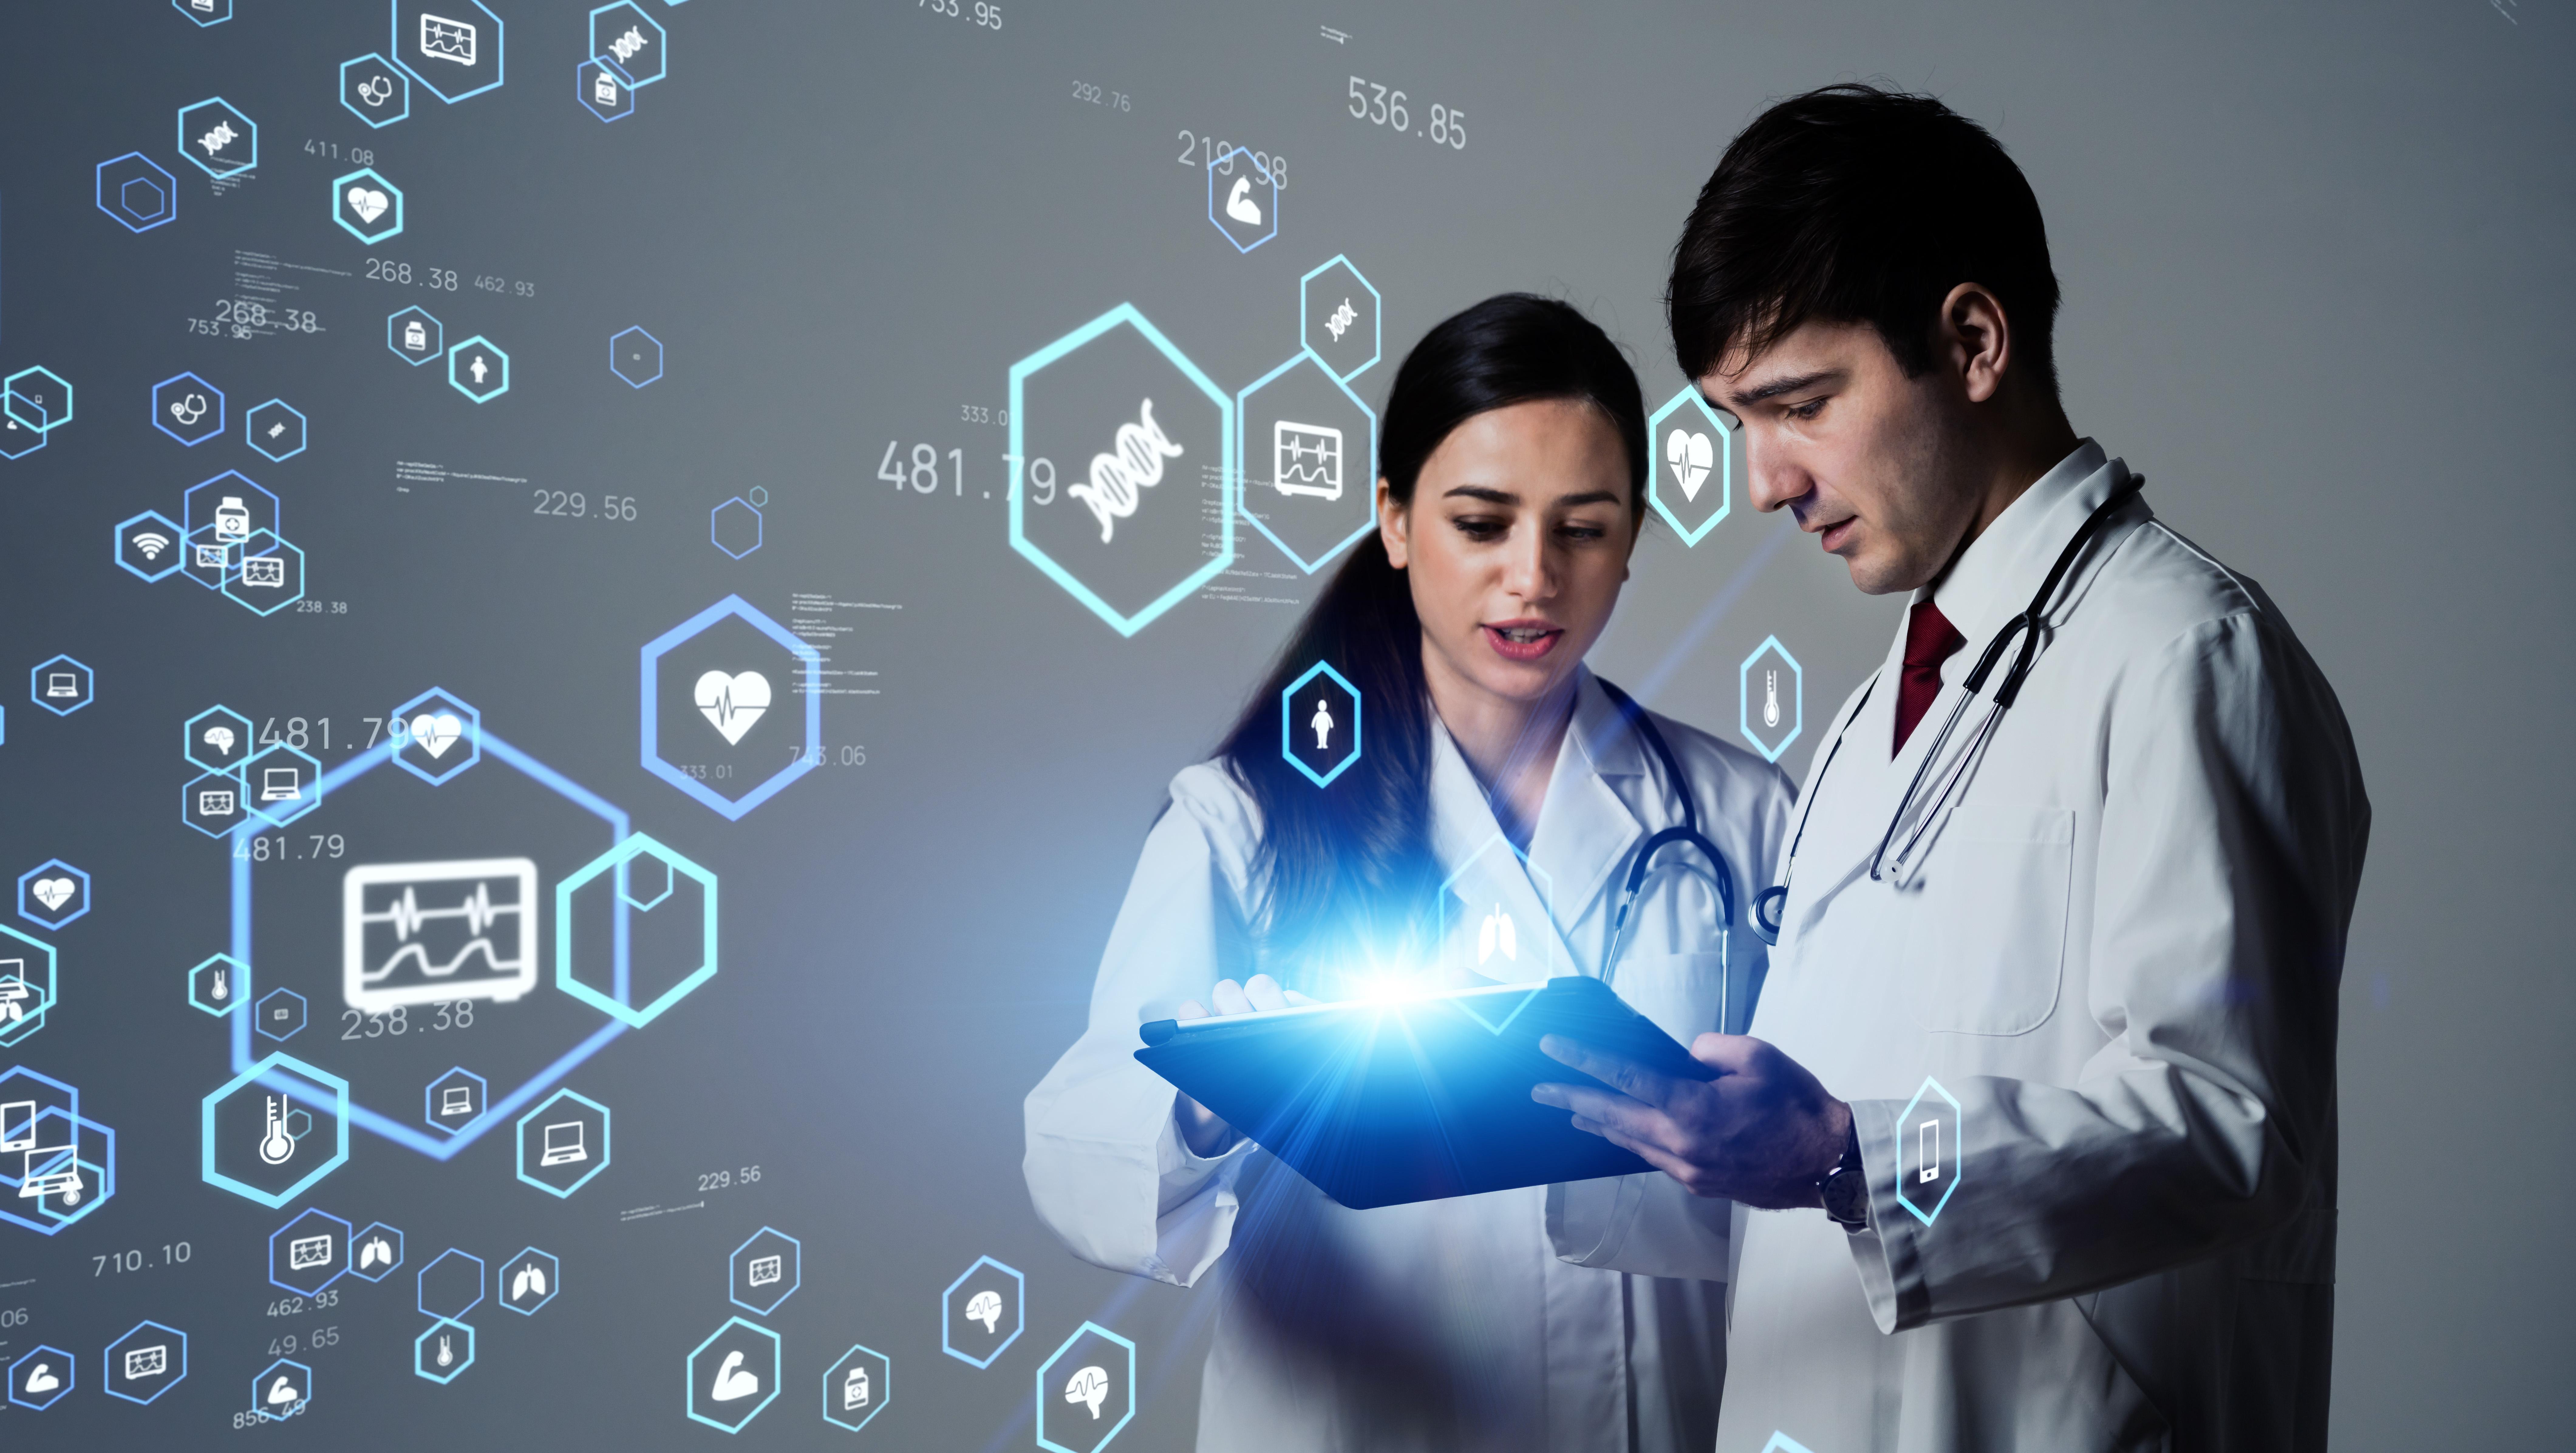 Por que migrar para o prontuário eletrônico do paciente (PEP) com a Telemedicina Morsch?